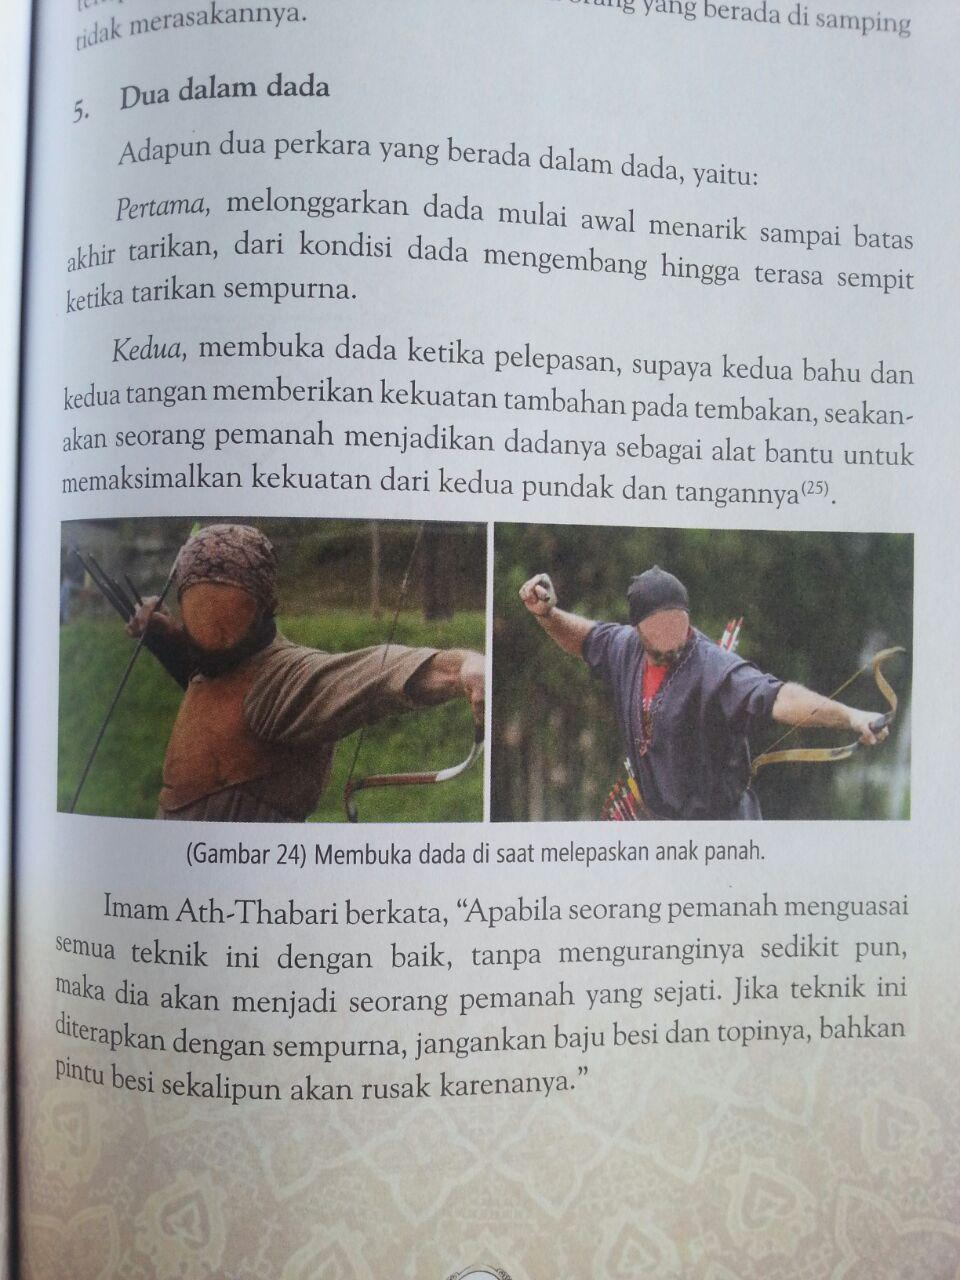 Buku Teknik Memanah Dalam Islam Dan Ketangkasan Lain Bergambar isi 7